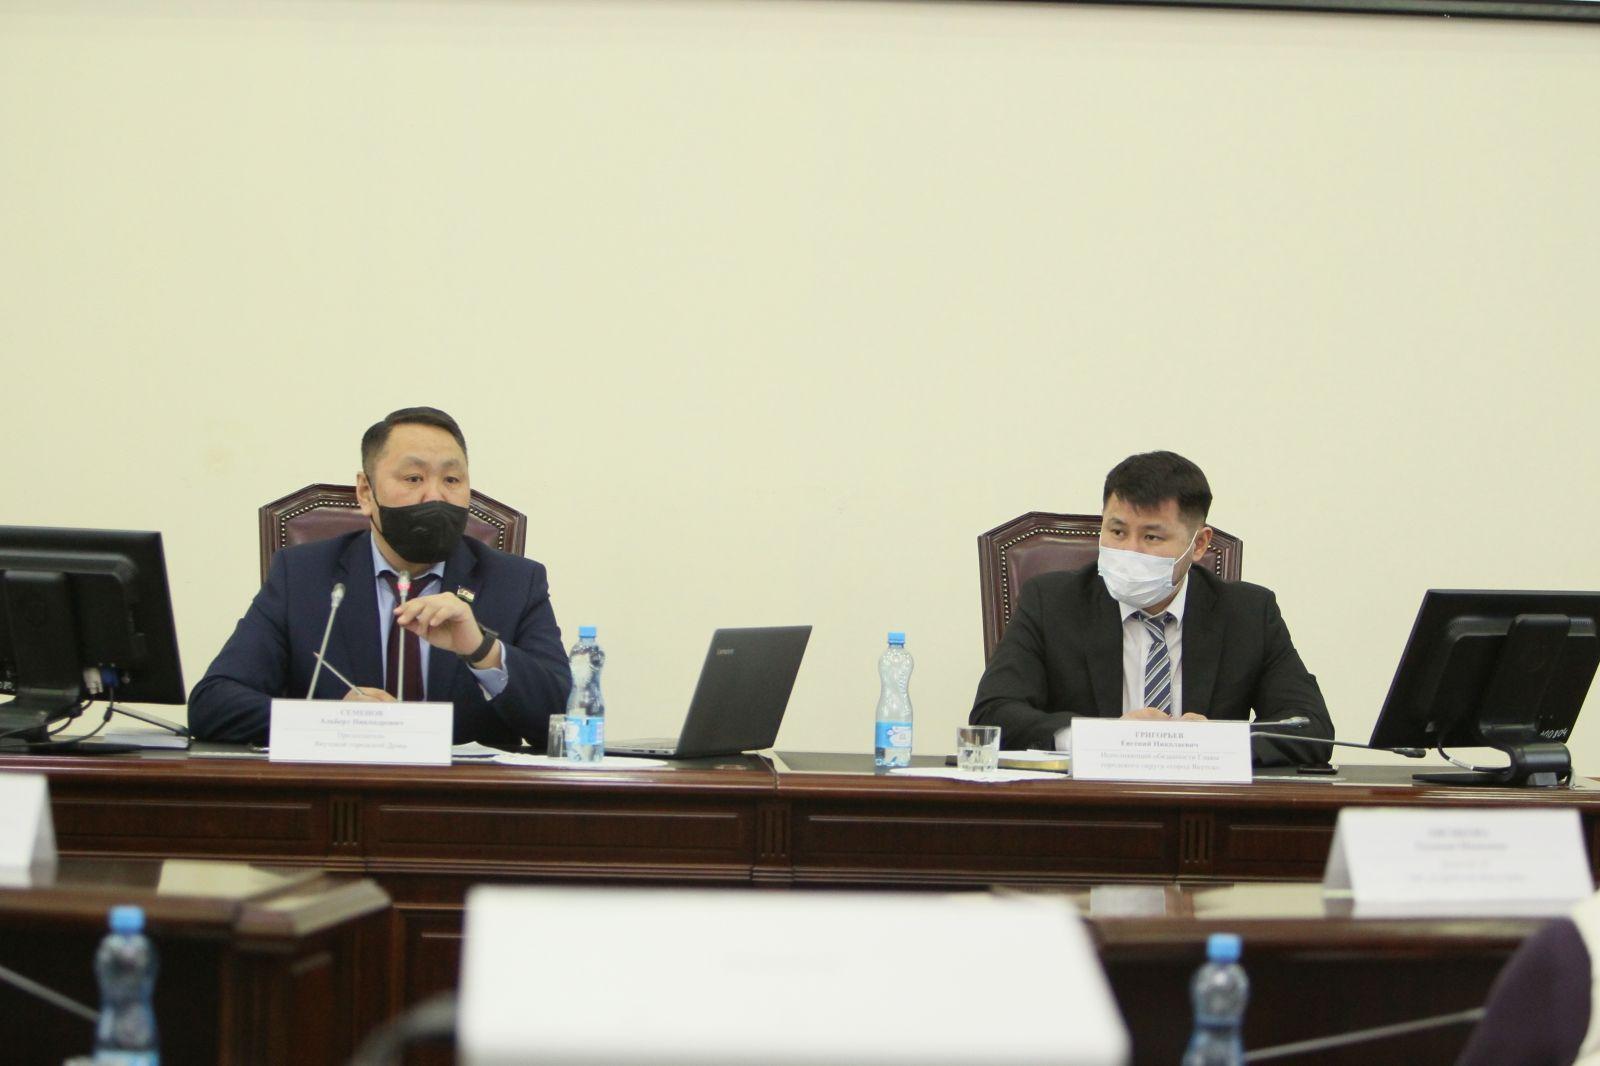 Якутская гордума утвердит отчет и назначит дату выборов мэра Якутска